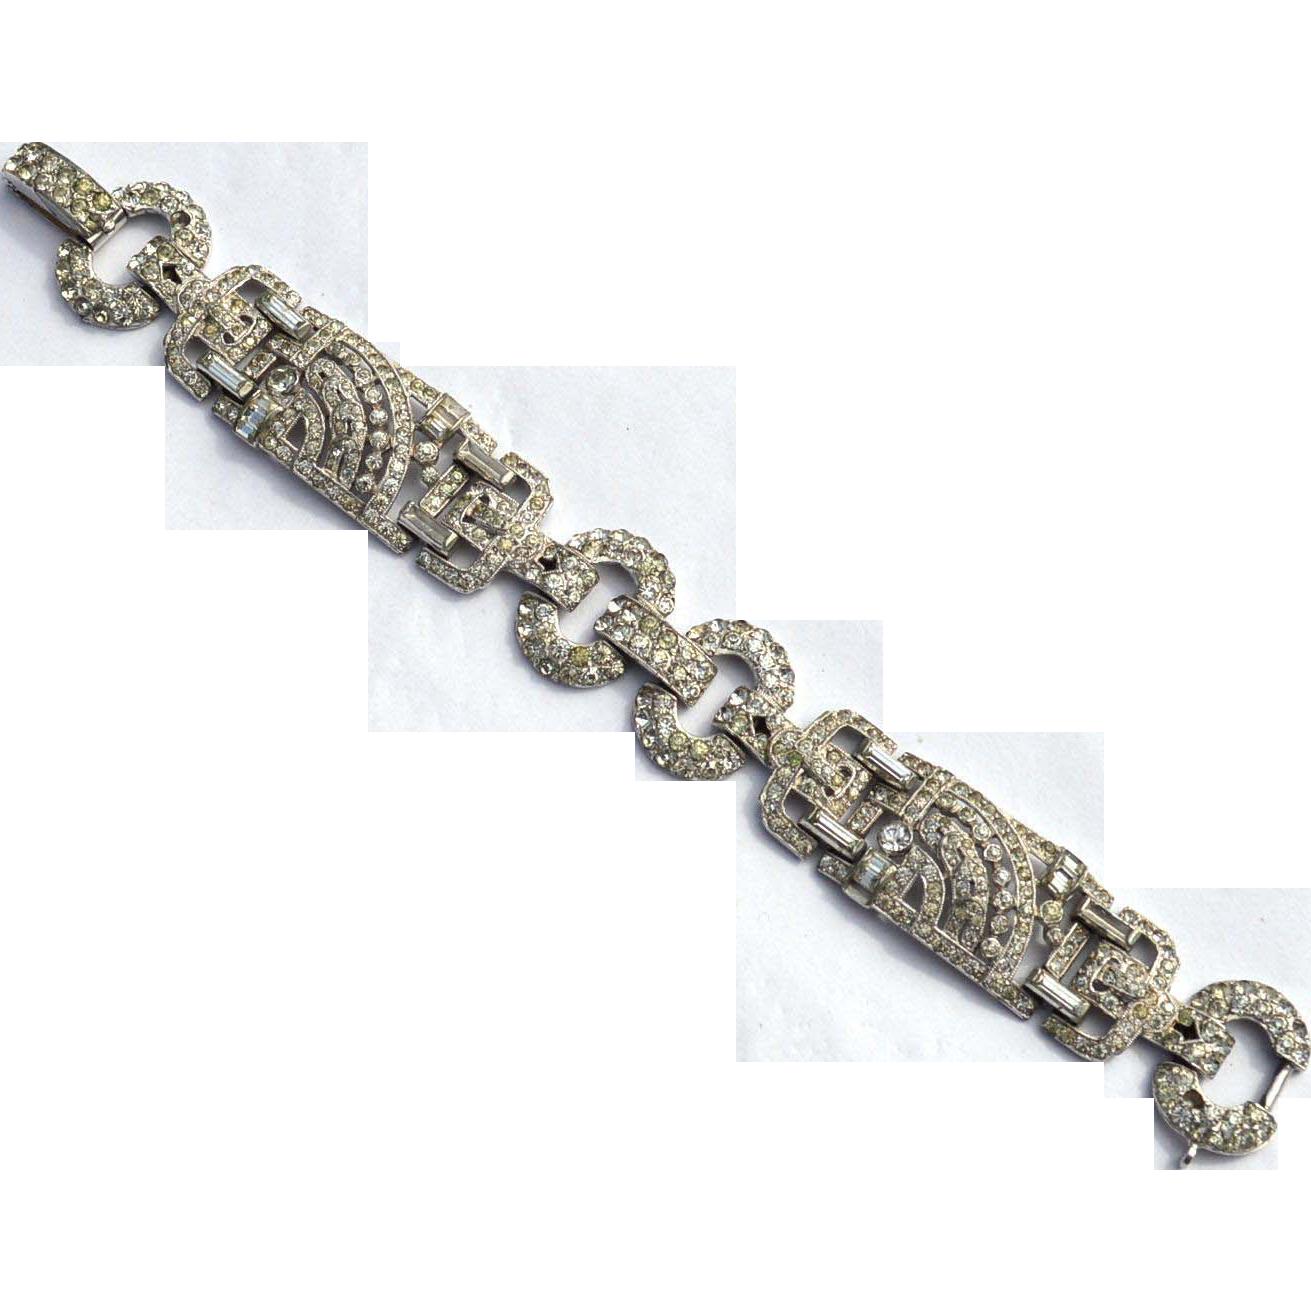 Art Deco Rhinestone Bracelet, Arrow Shaped Cut Outs, Exquisite!